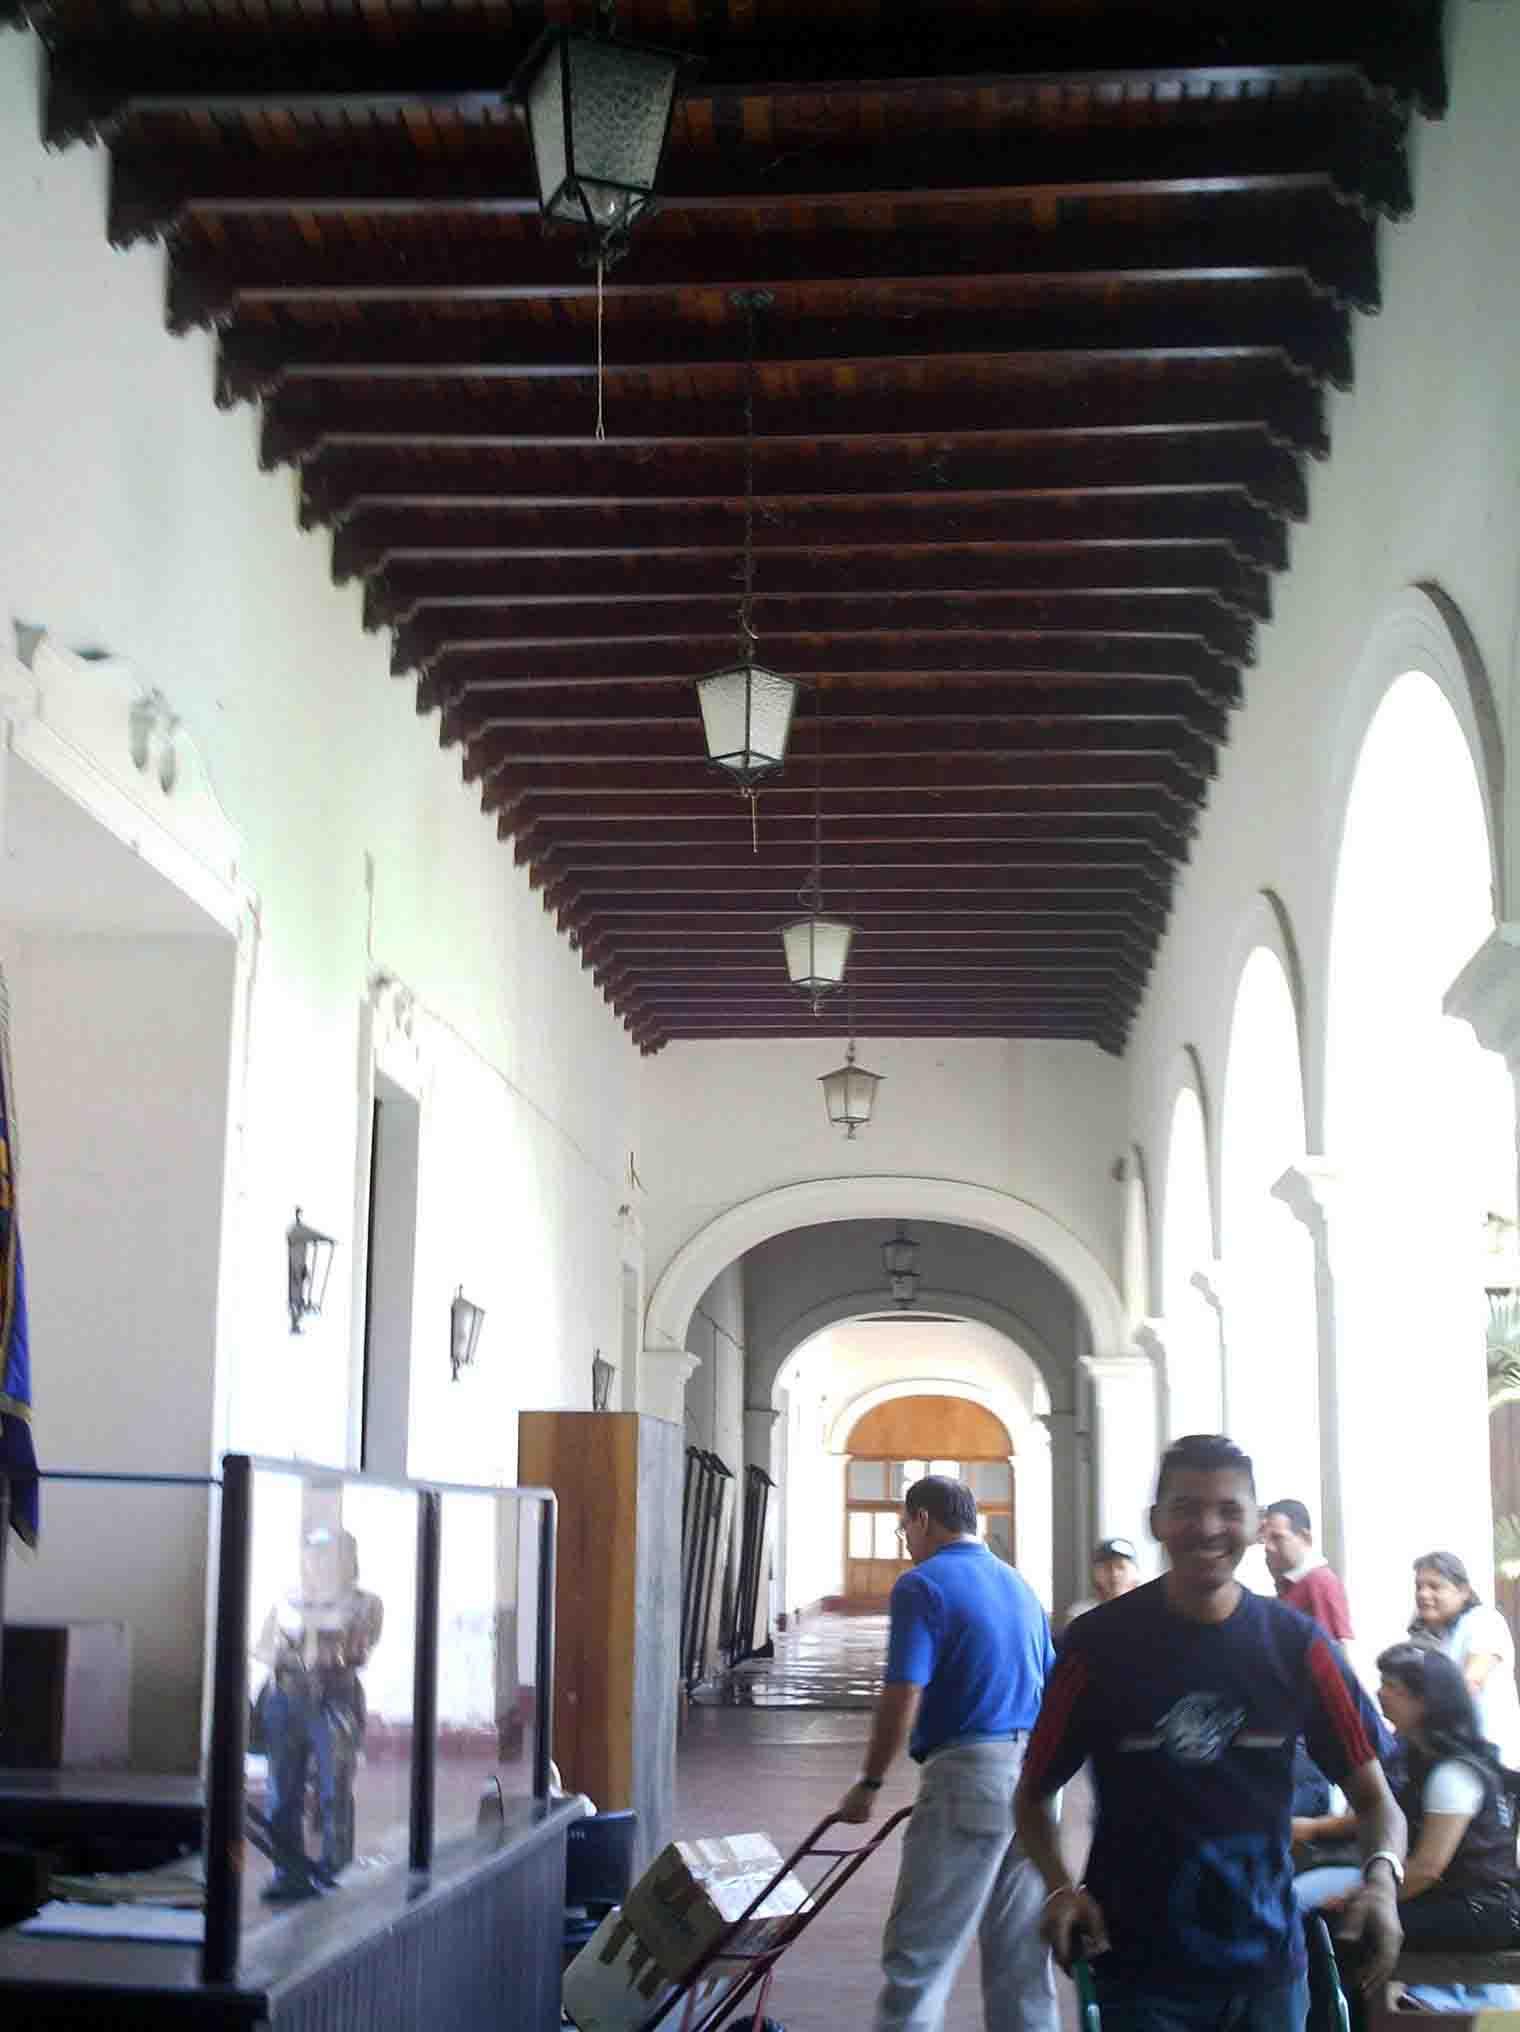 Cuando desocupaban el palacio del marqués. Año 2006. Archivo Cronista.